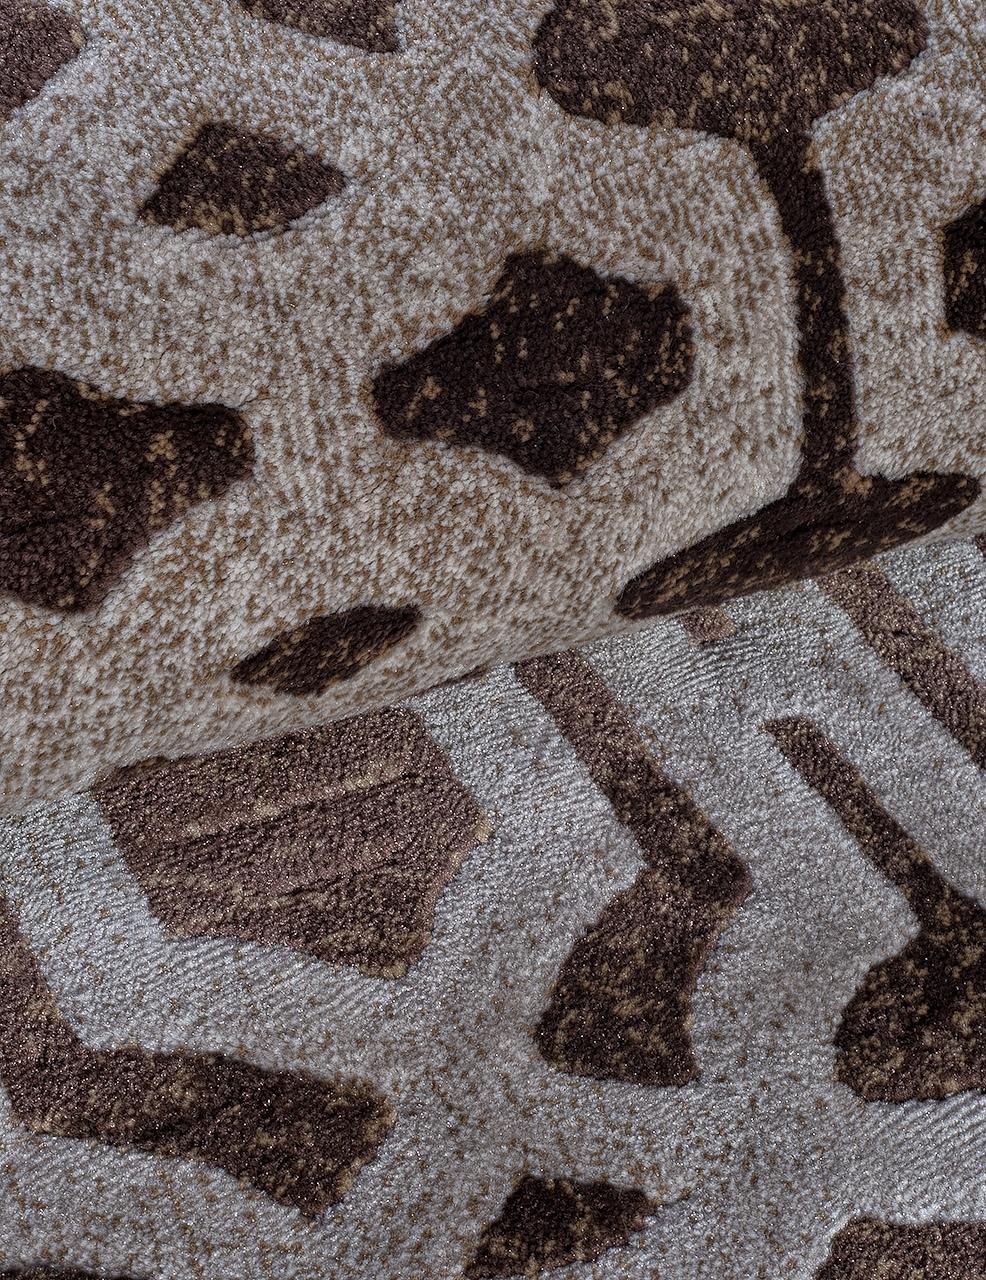 Ковер D565 - BROWN - Прямоугольник - коллекция MATRIX - фото 4